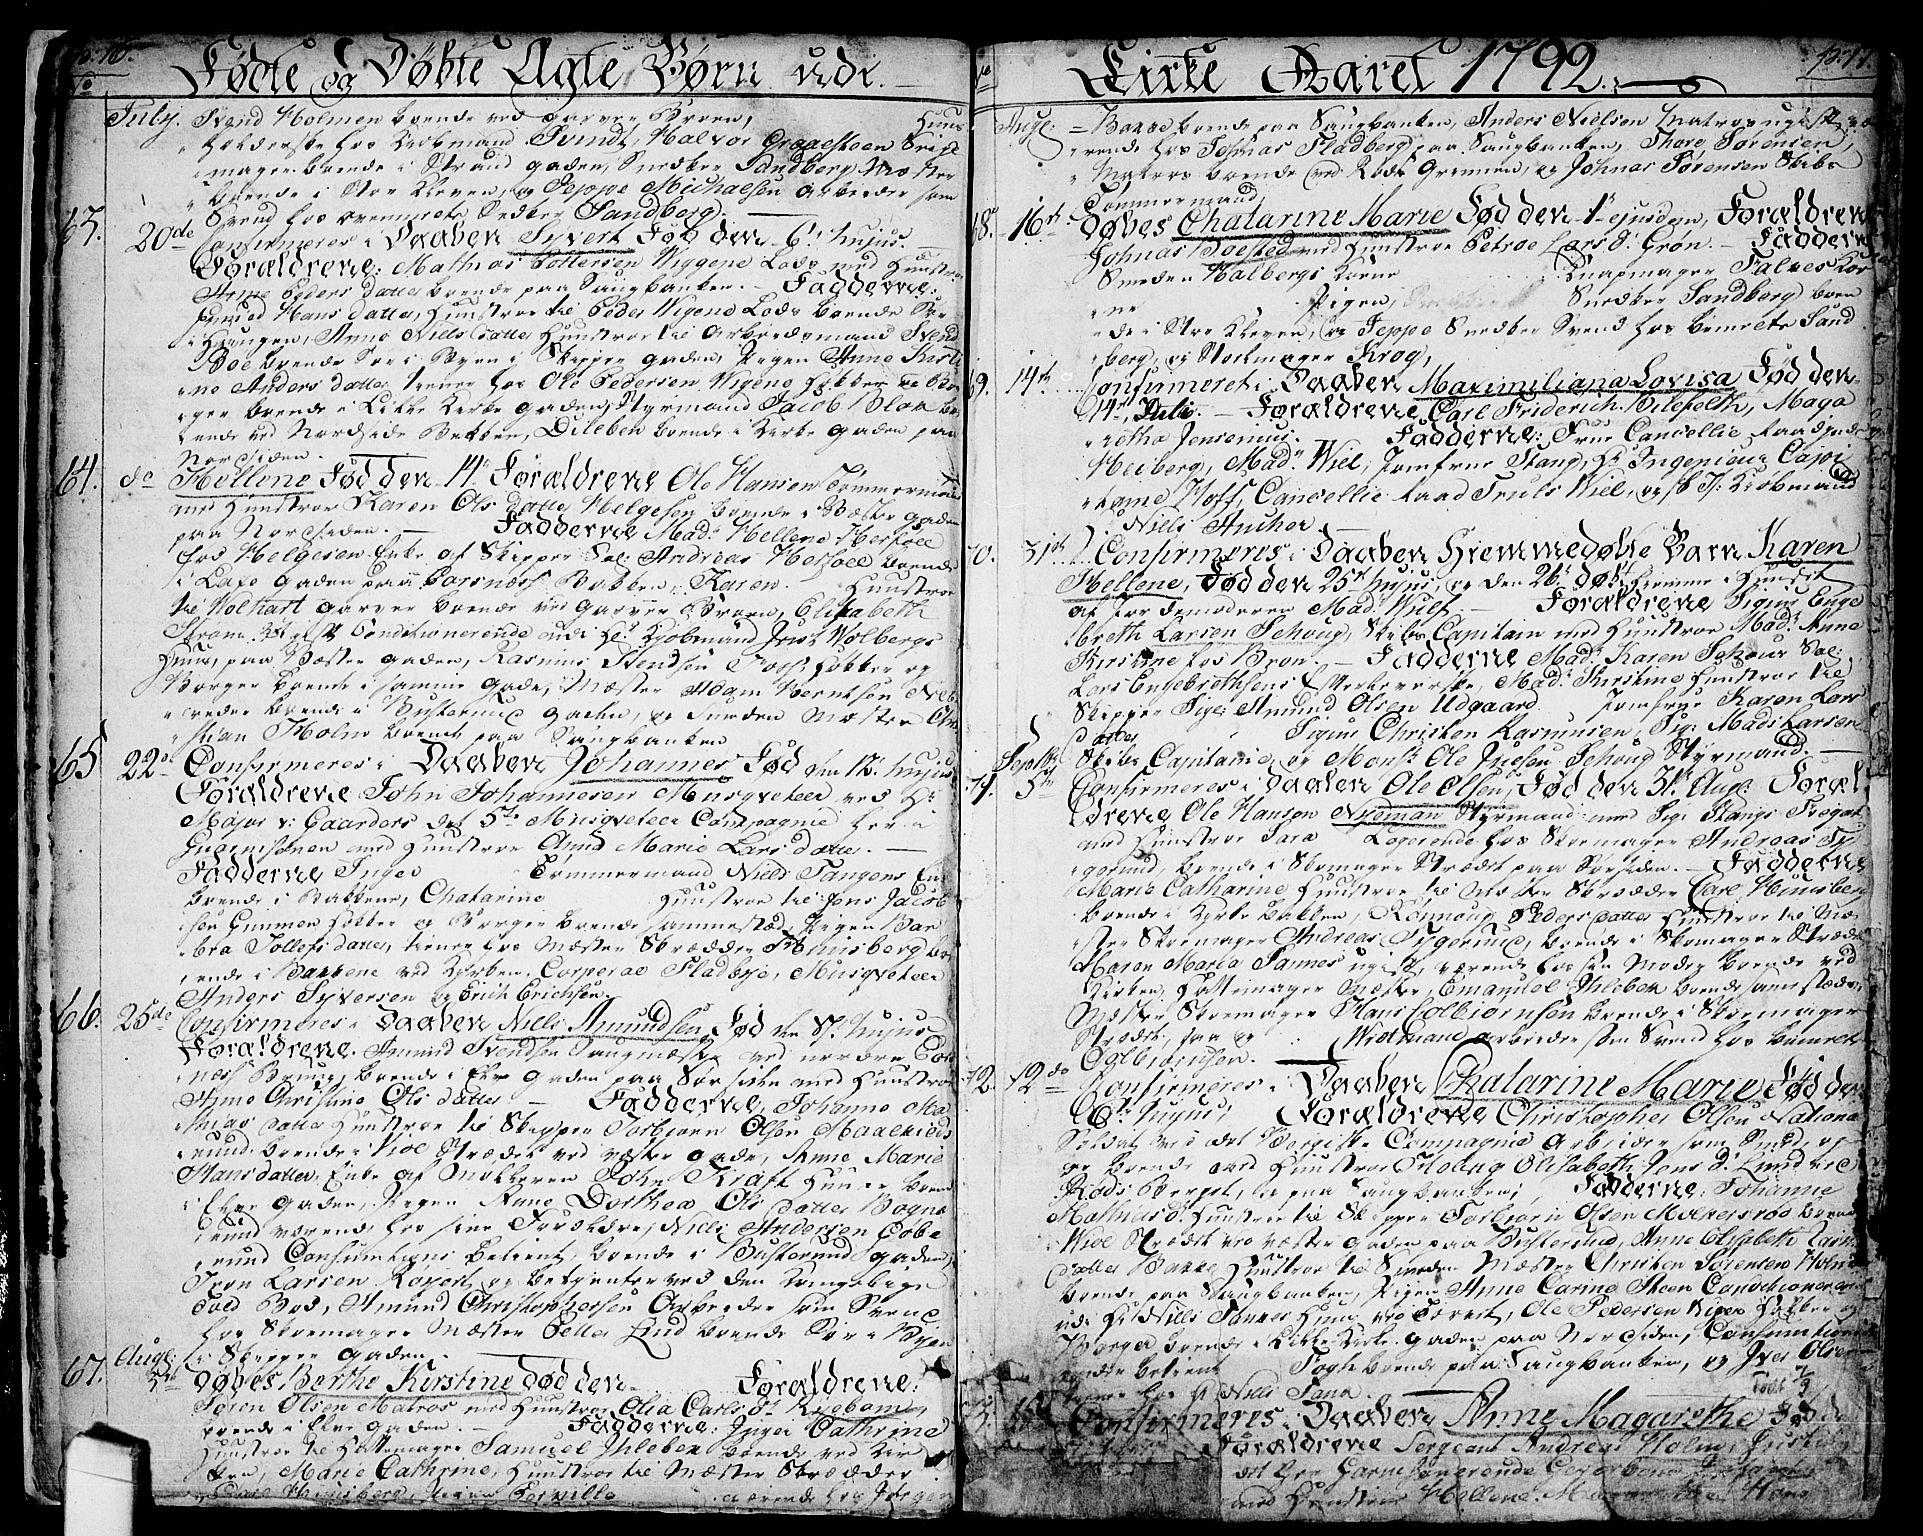 SAO, Halden prestekontor Kirkebøker, F/Fa/L0002: Ministerialbok nr. I 2, 1792-1812, s. 16-17